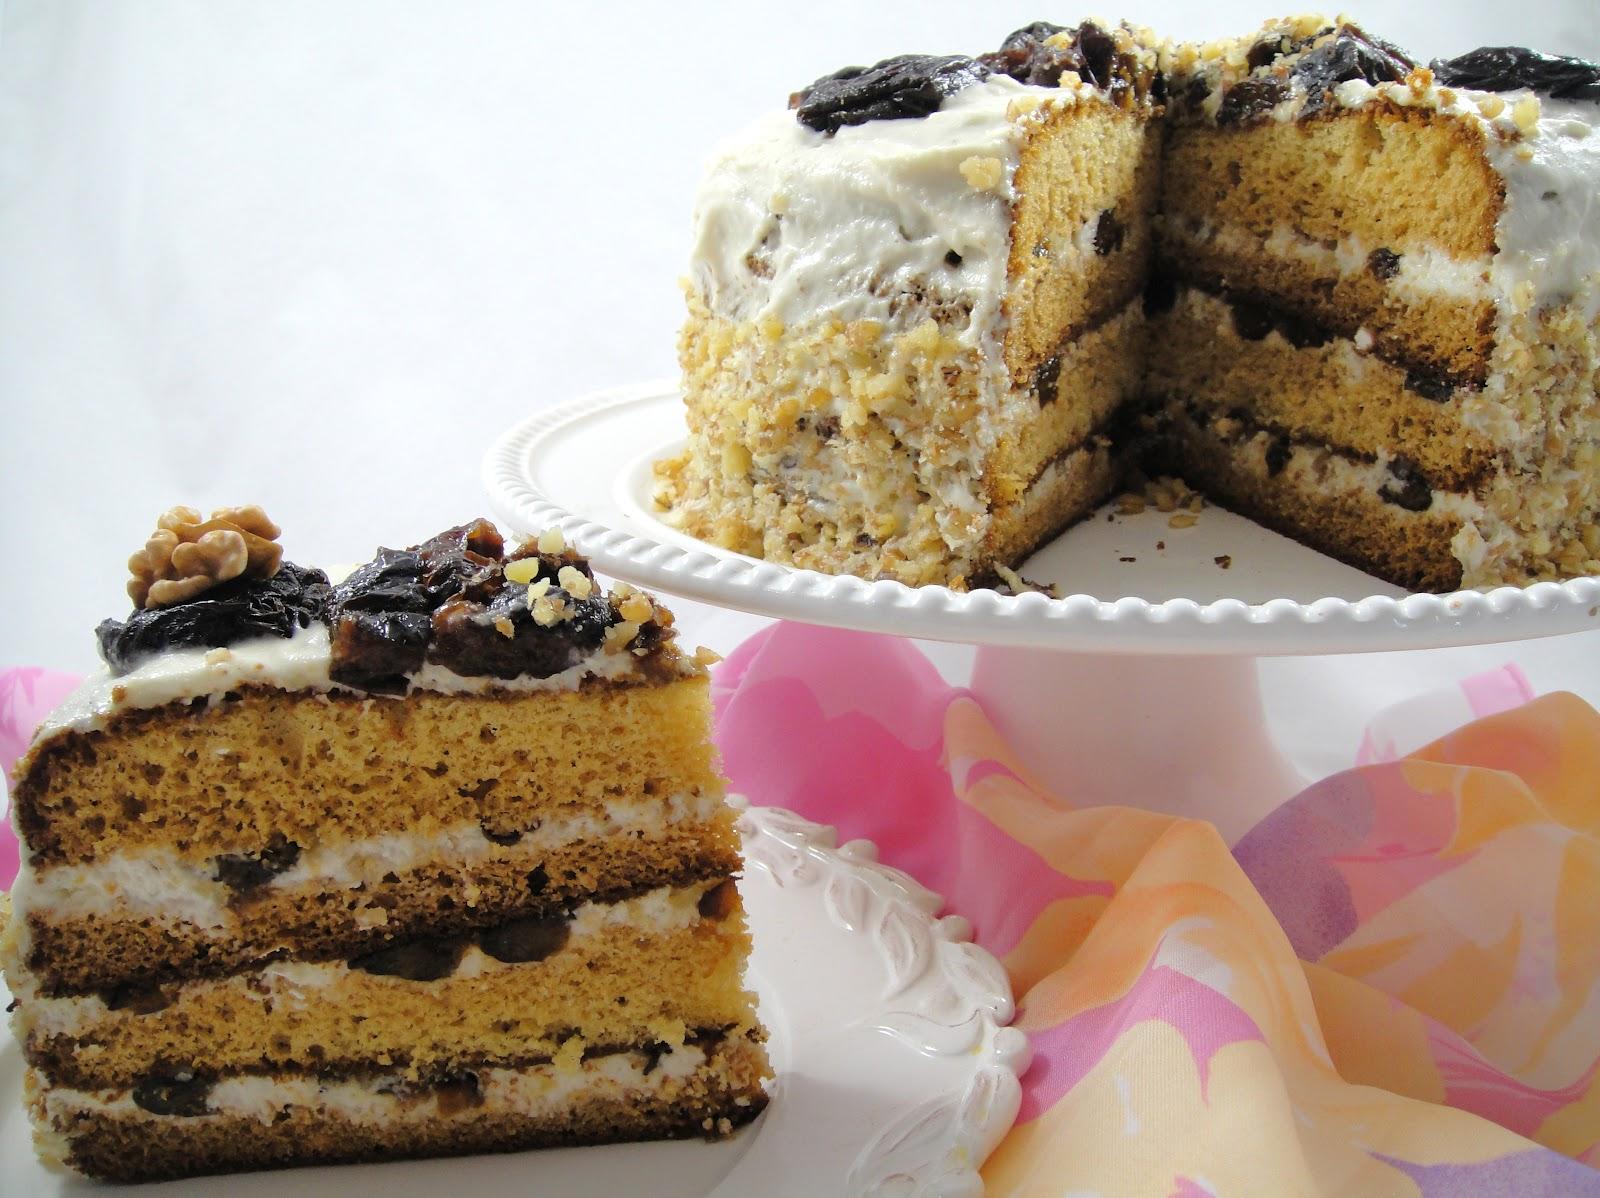 Boozy prune and honey cake